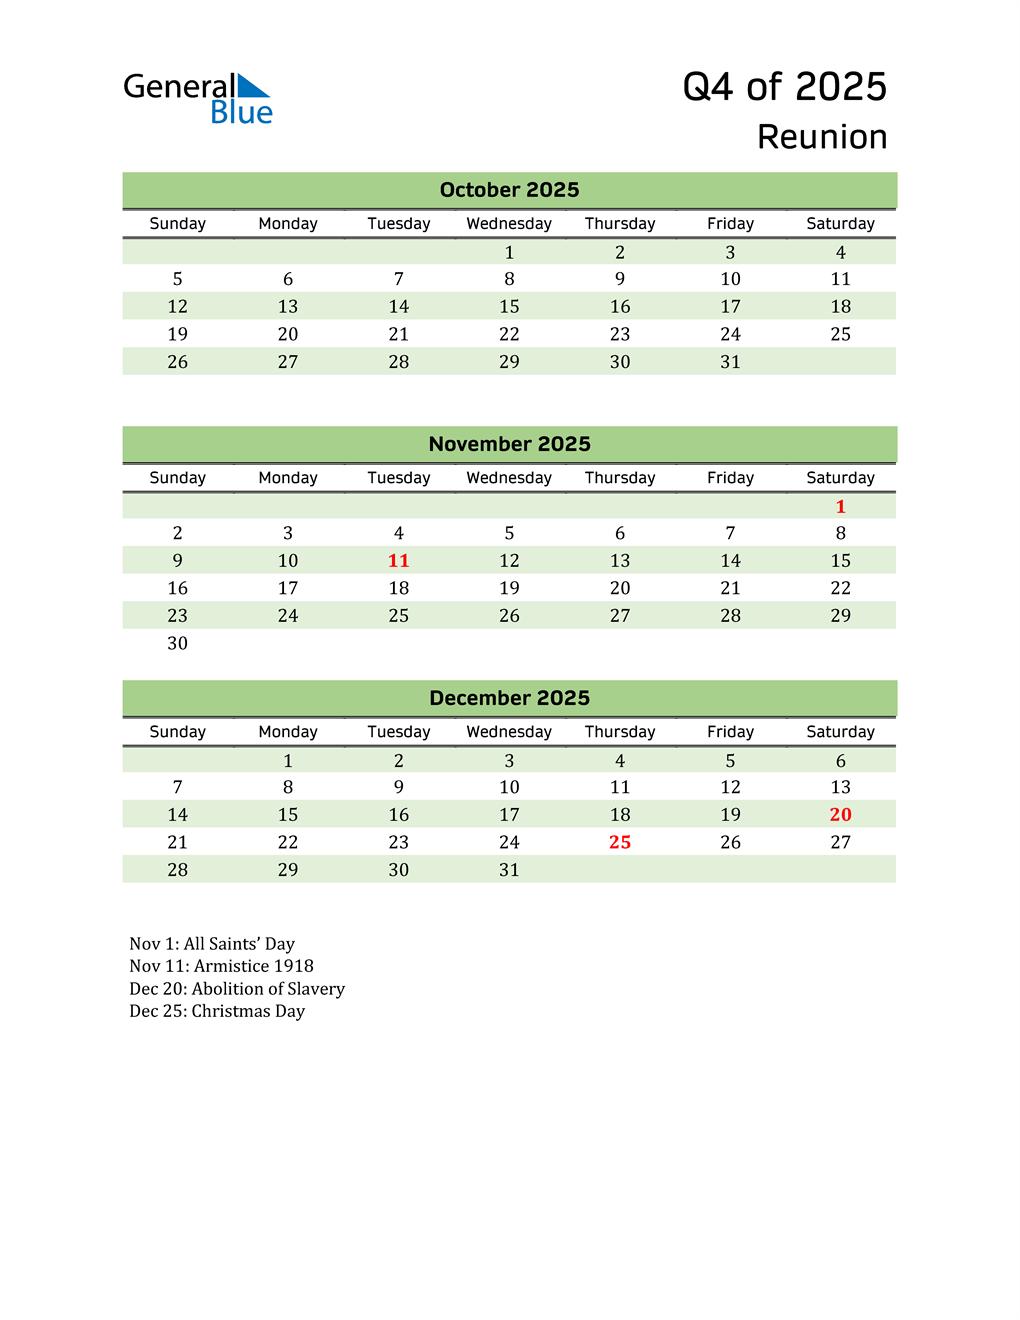 Quarterly Calendar 2025 with Reunion Holidays